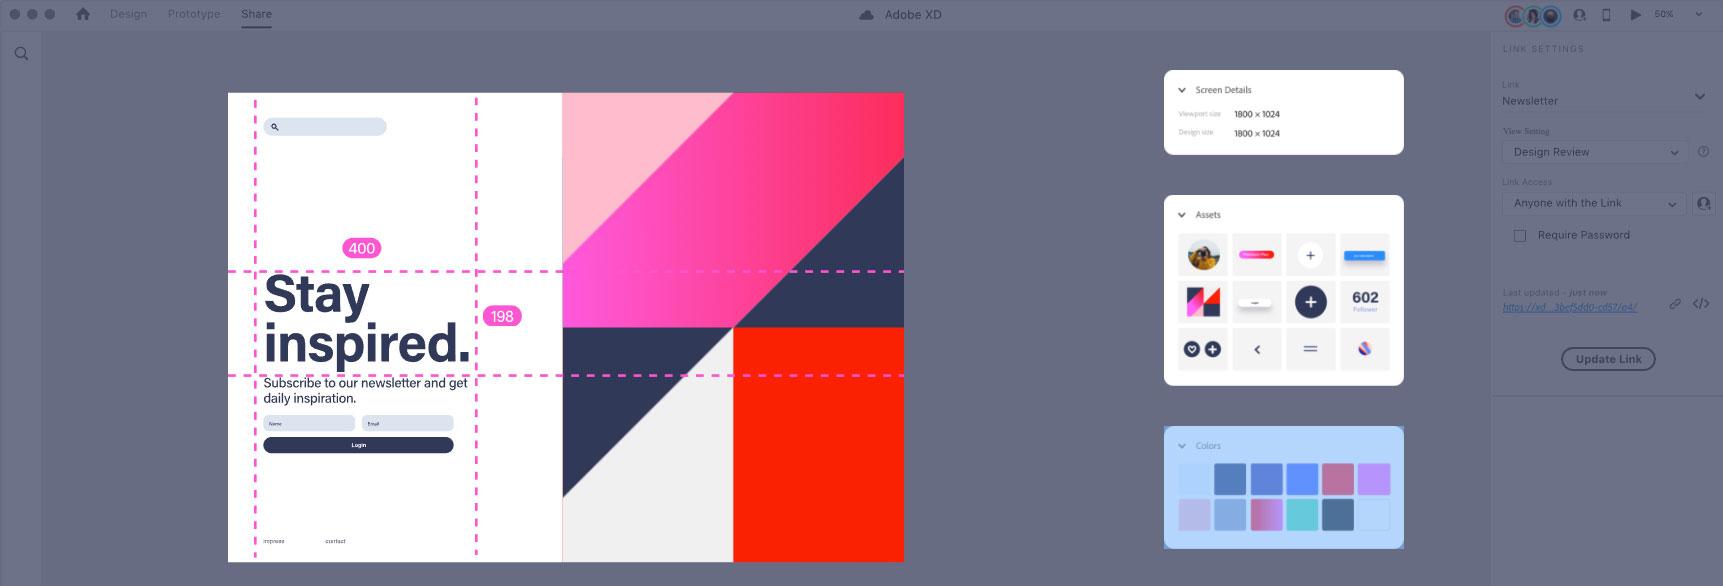 Adobe XD App Prototype